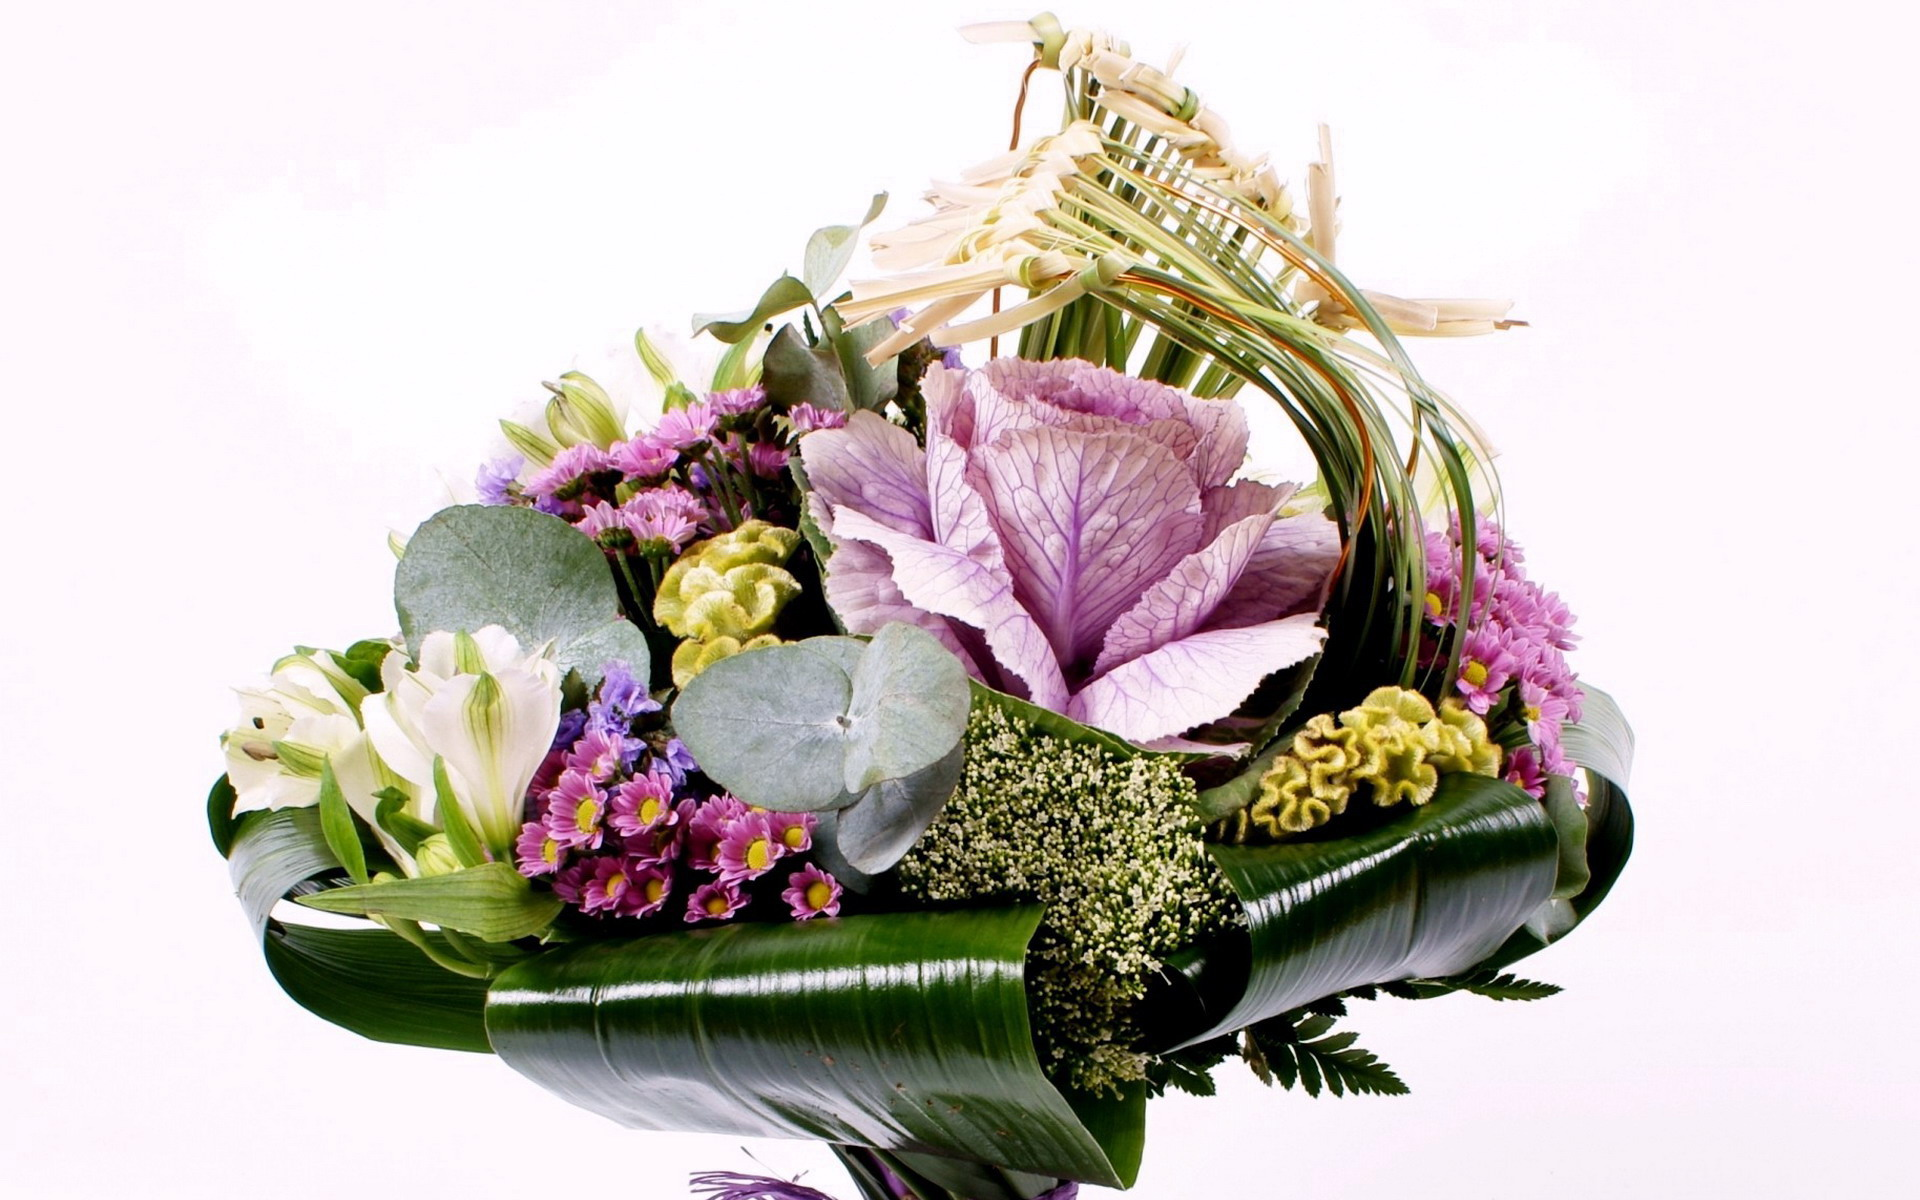 Композиции из цветов букетов фото и название